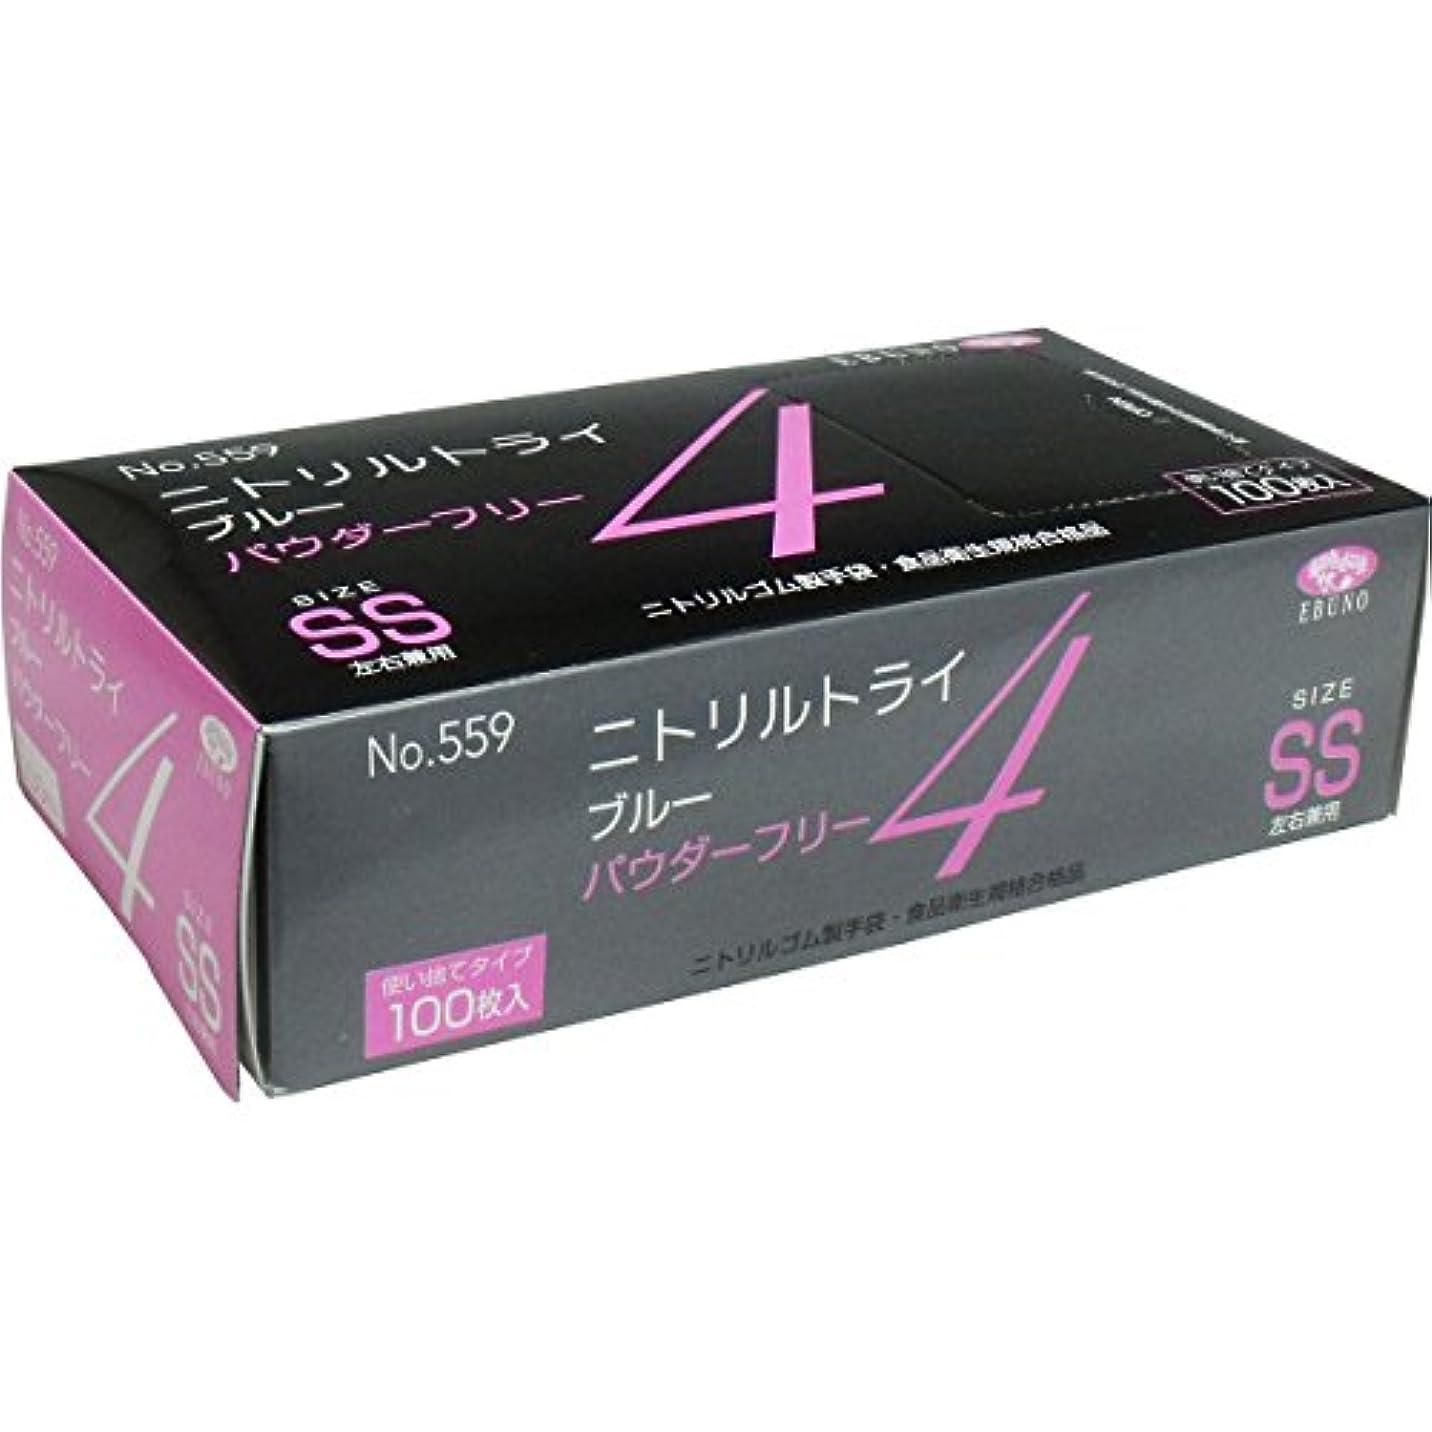 シリアル終わったお別れニトリルトライ4 №559 ブルー 粉無 SSサイズ 100枚入